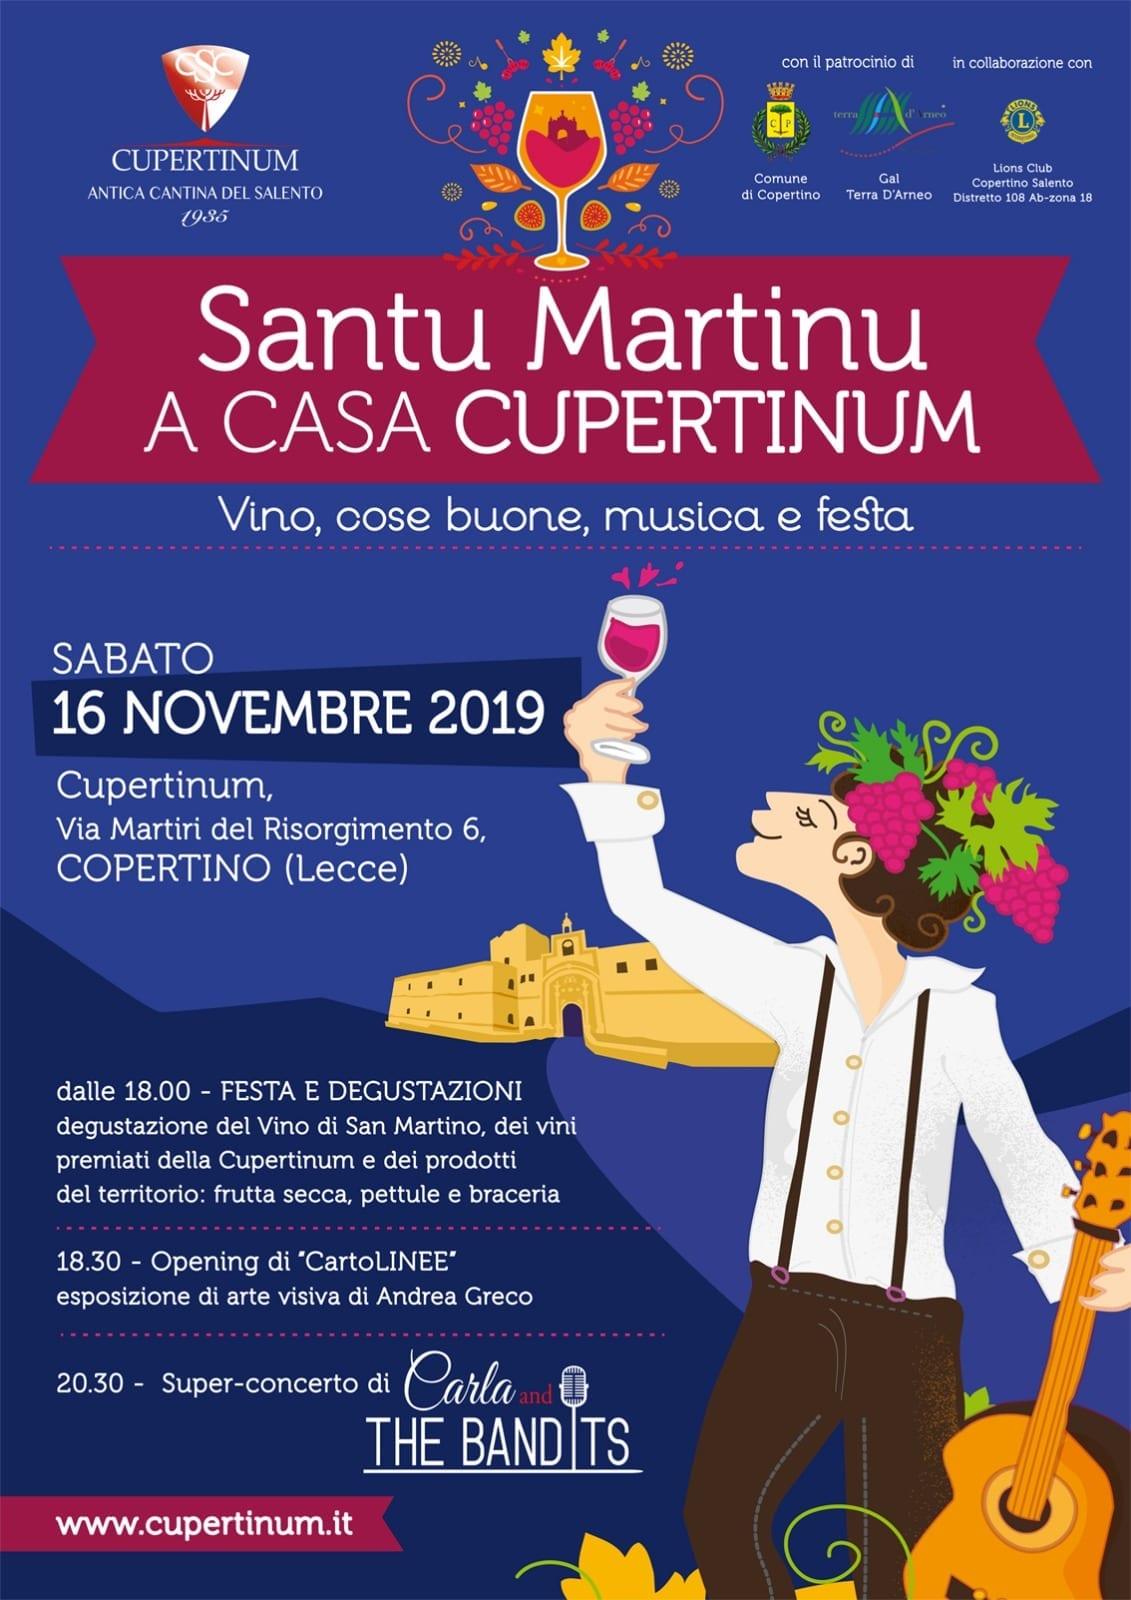 Santu Martinu a casa Cupertinum